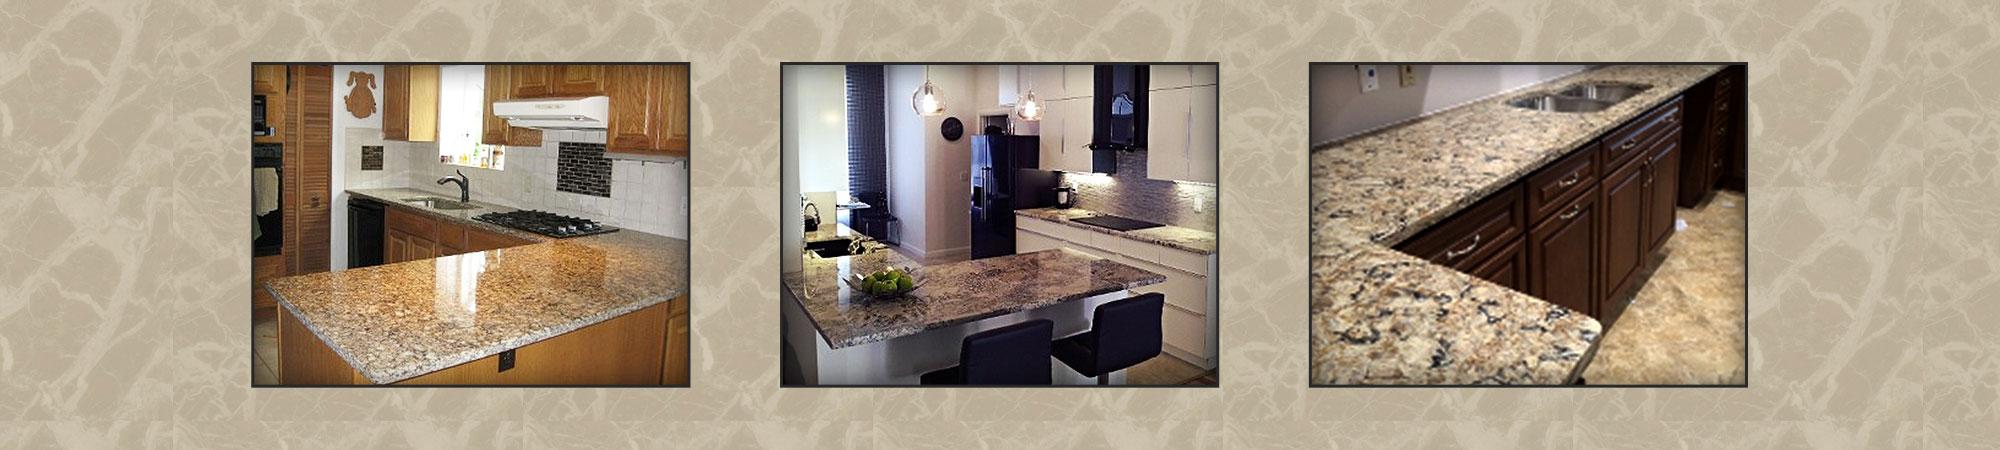 granite kitchen remodel jacksonville fl